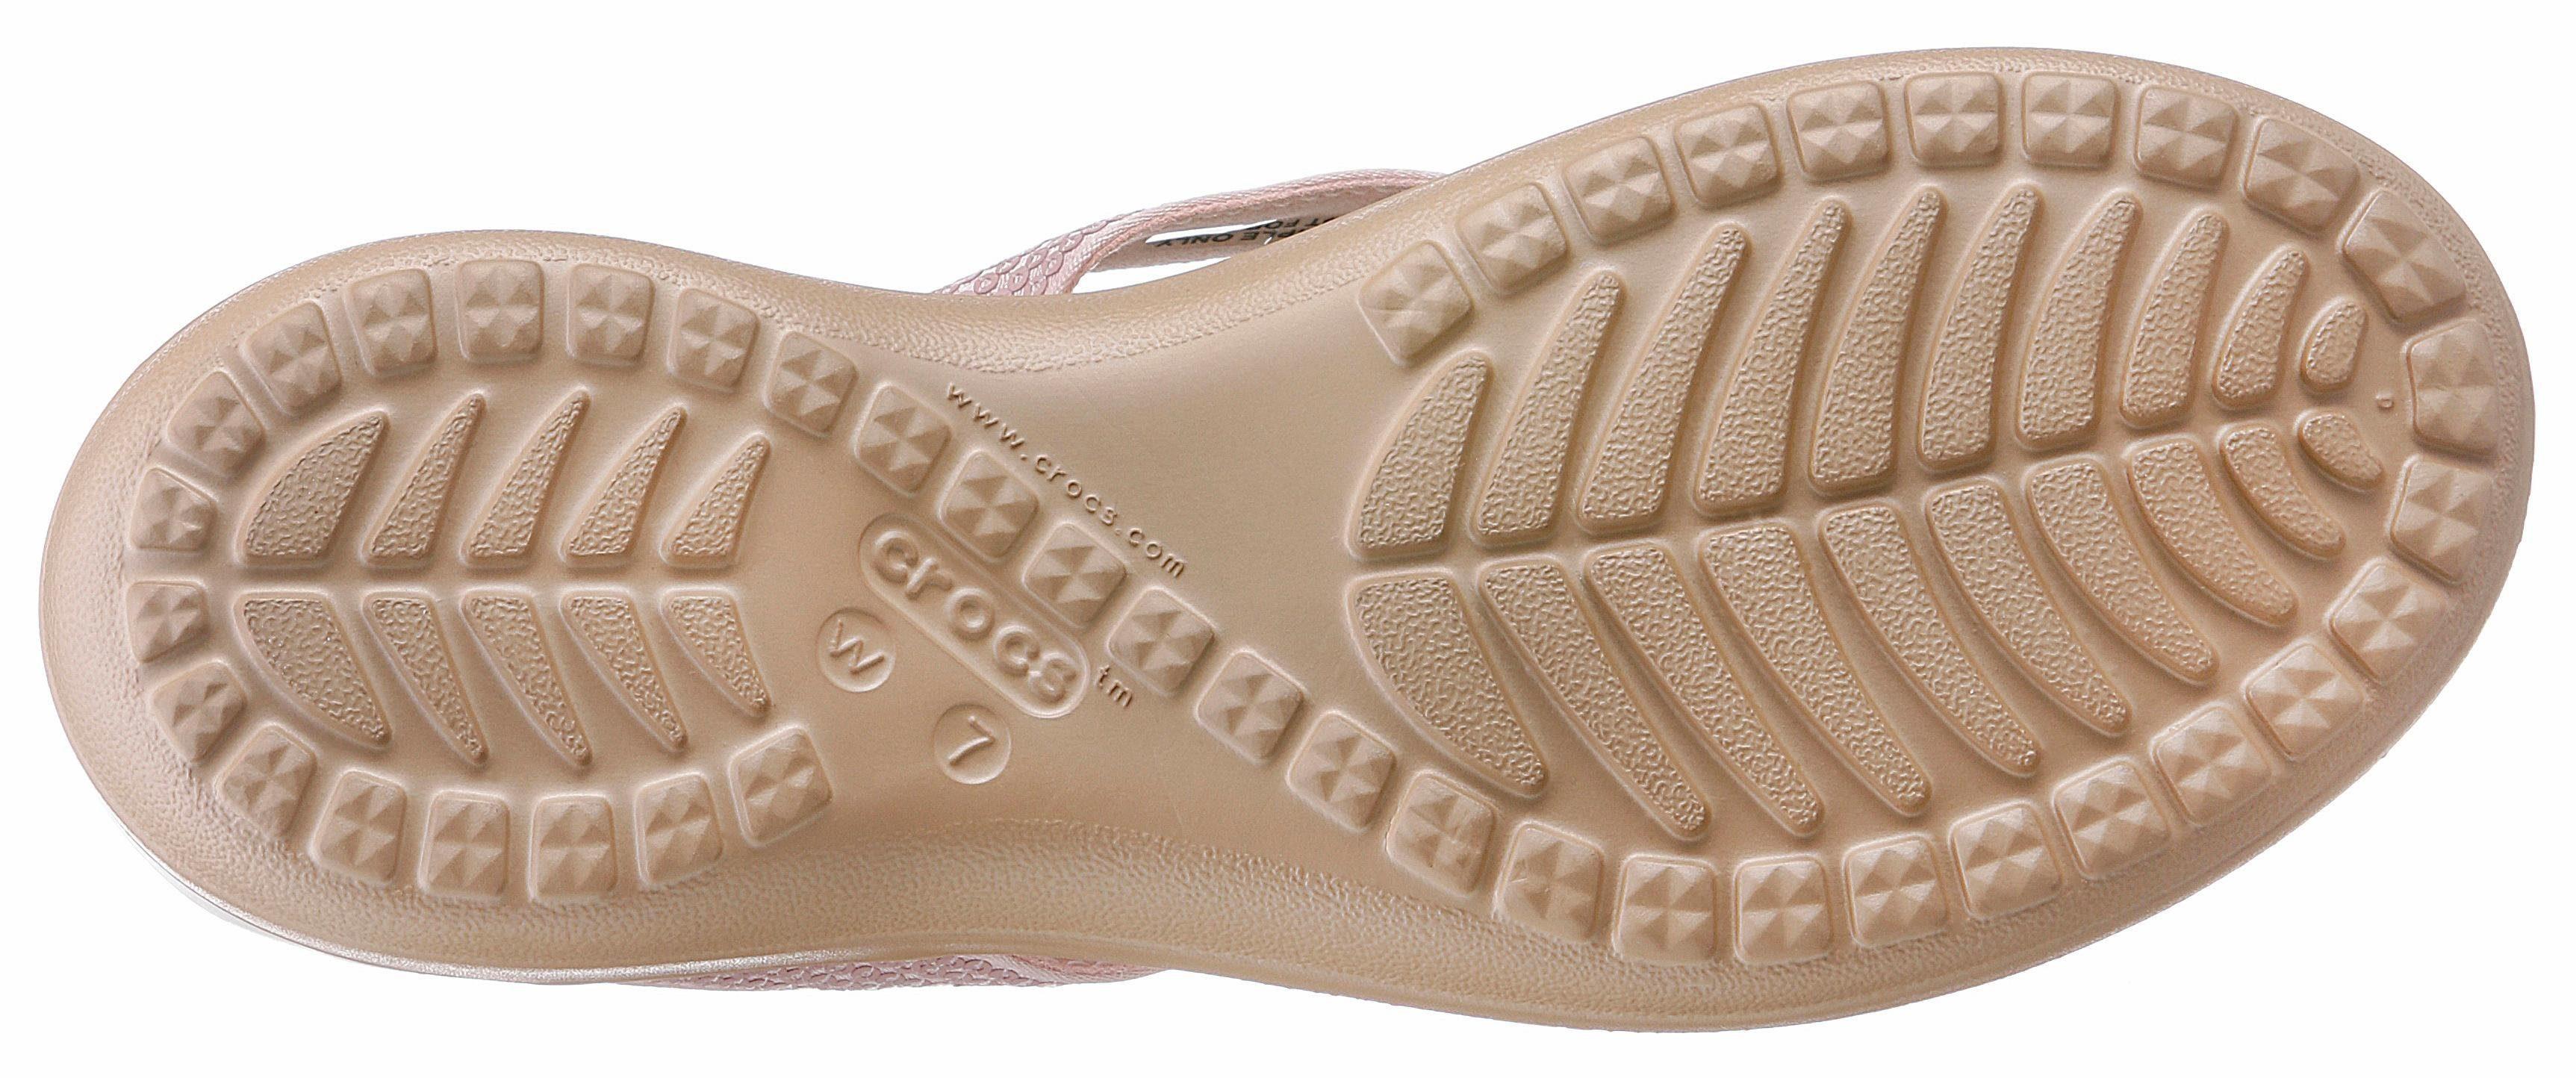 Crocs Capri V Sequin Zehentrenner, mit schimmernden Pailletten besetzt online kaufen  rosé